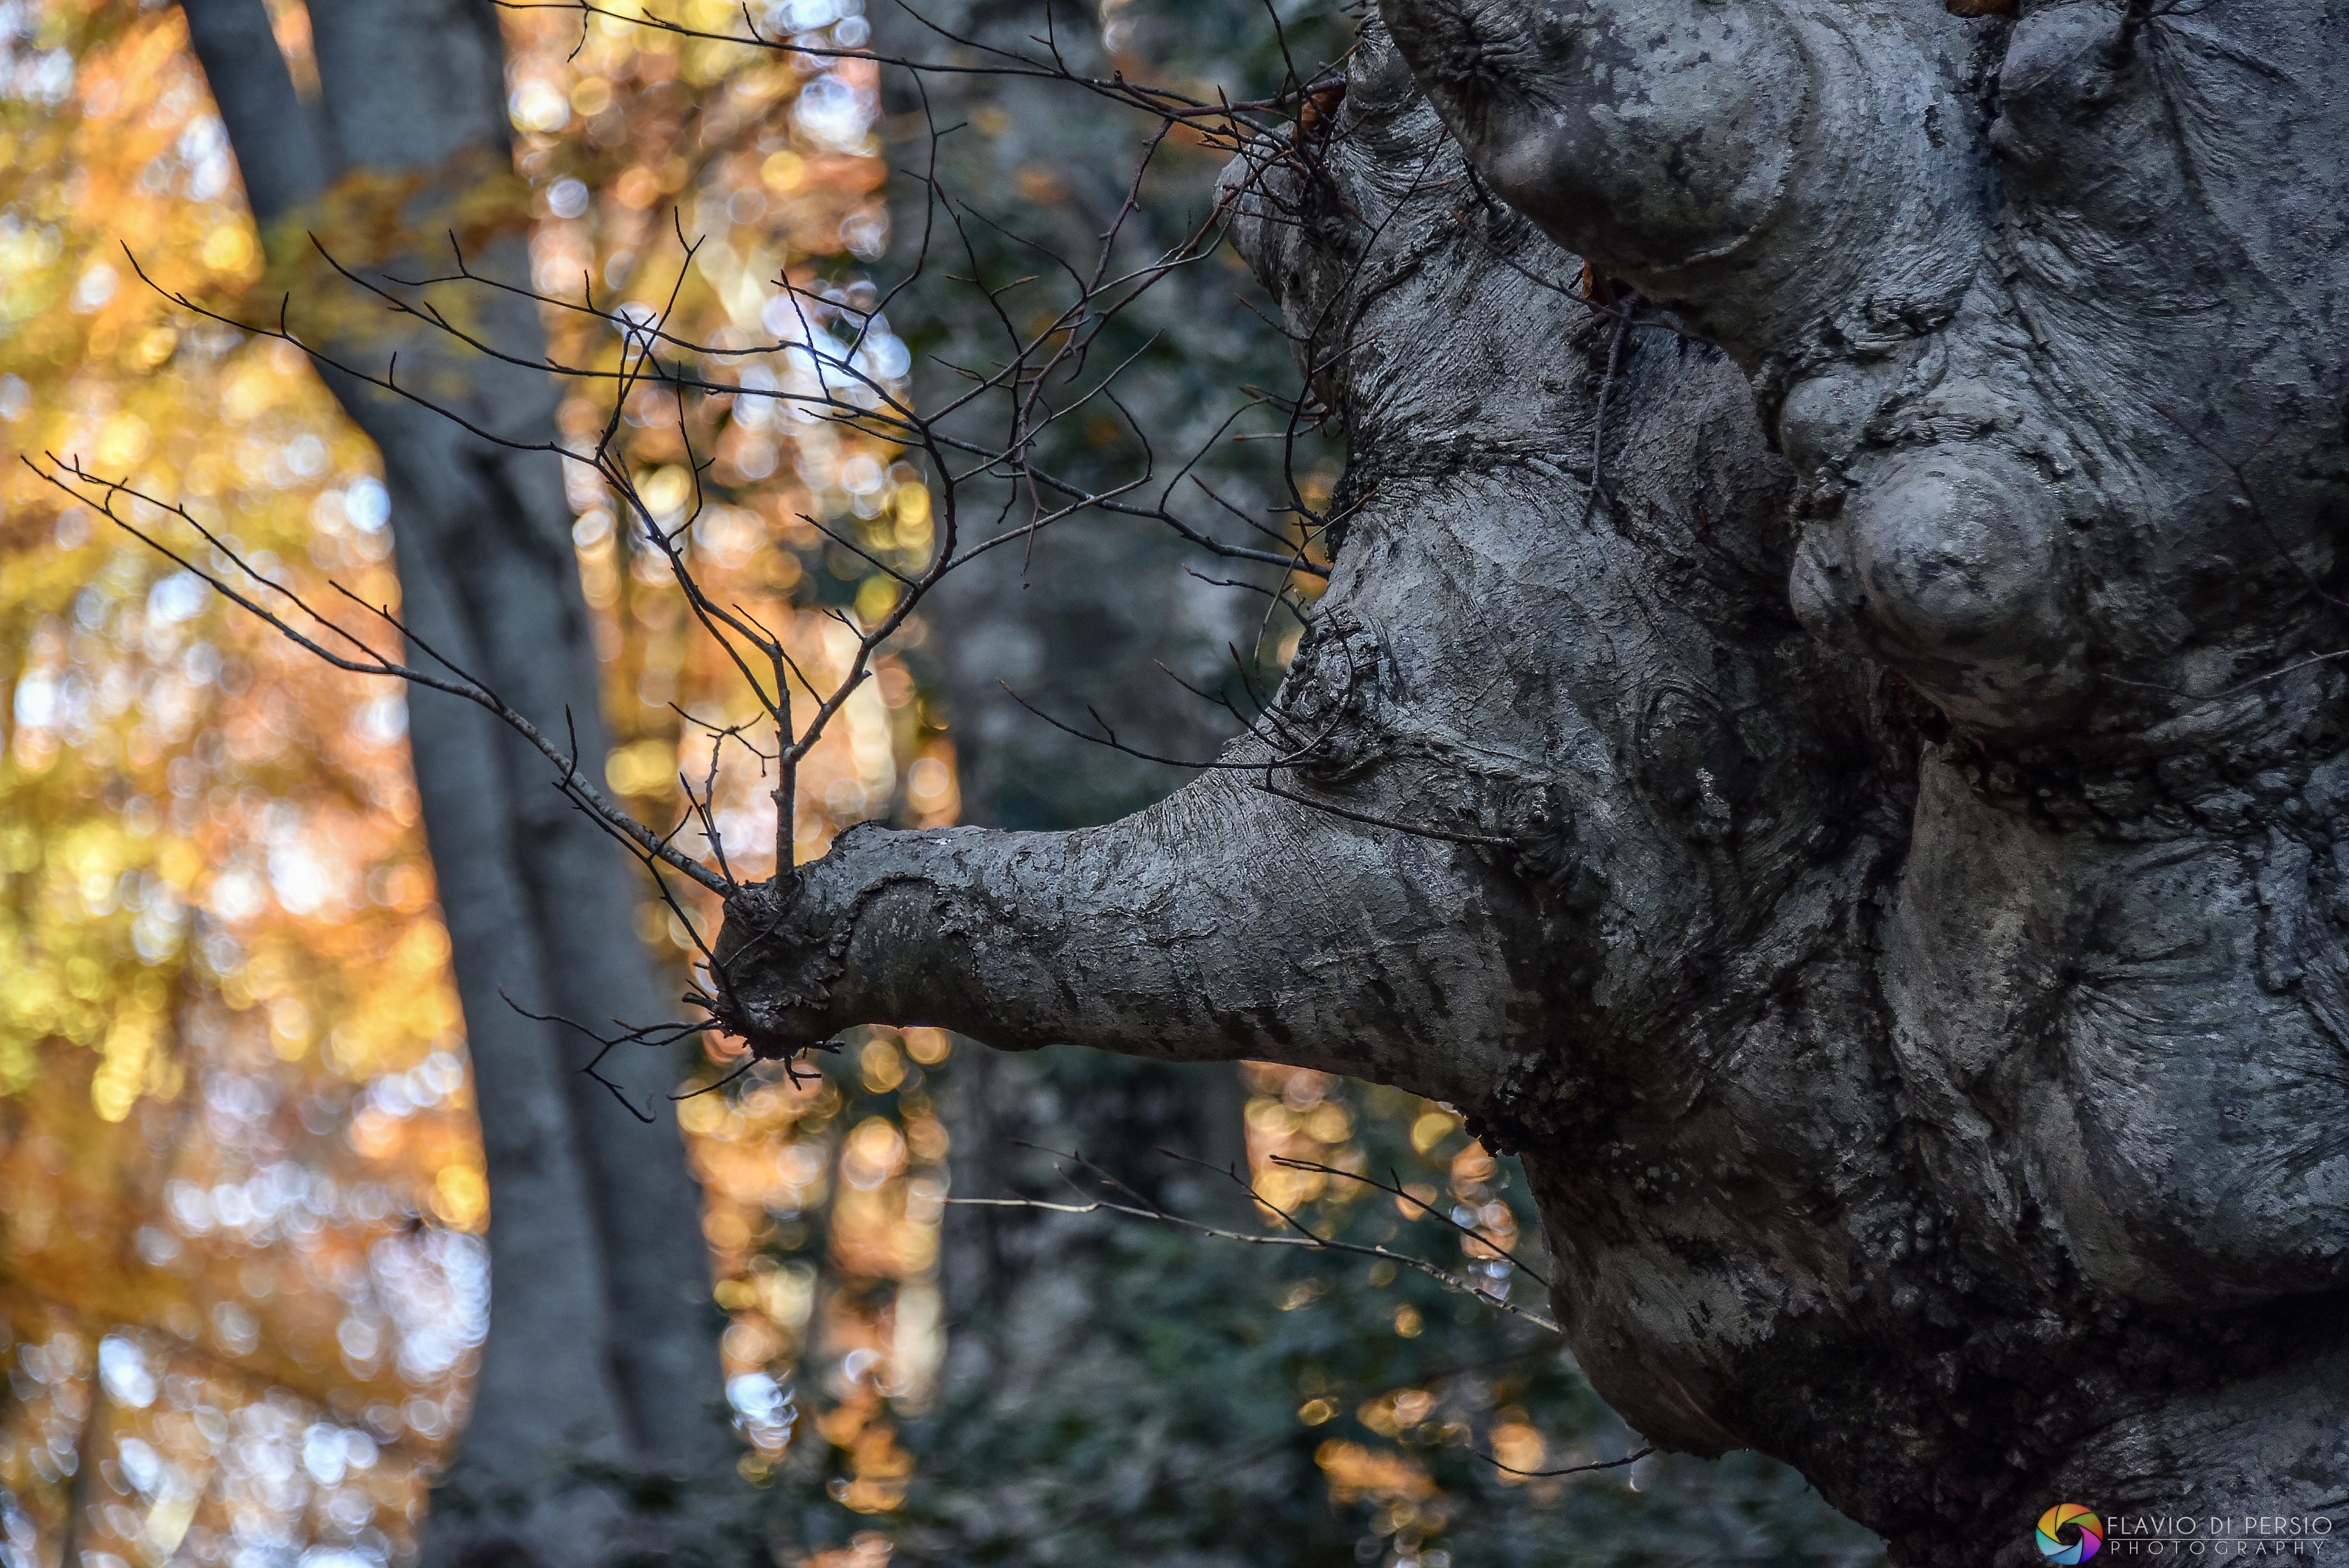 strane forme arboree una proboscide